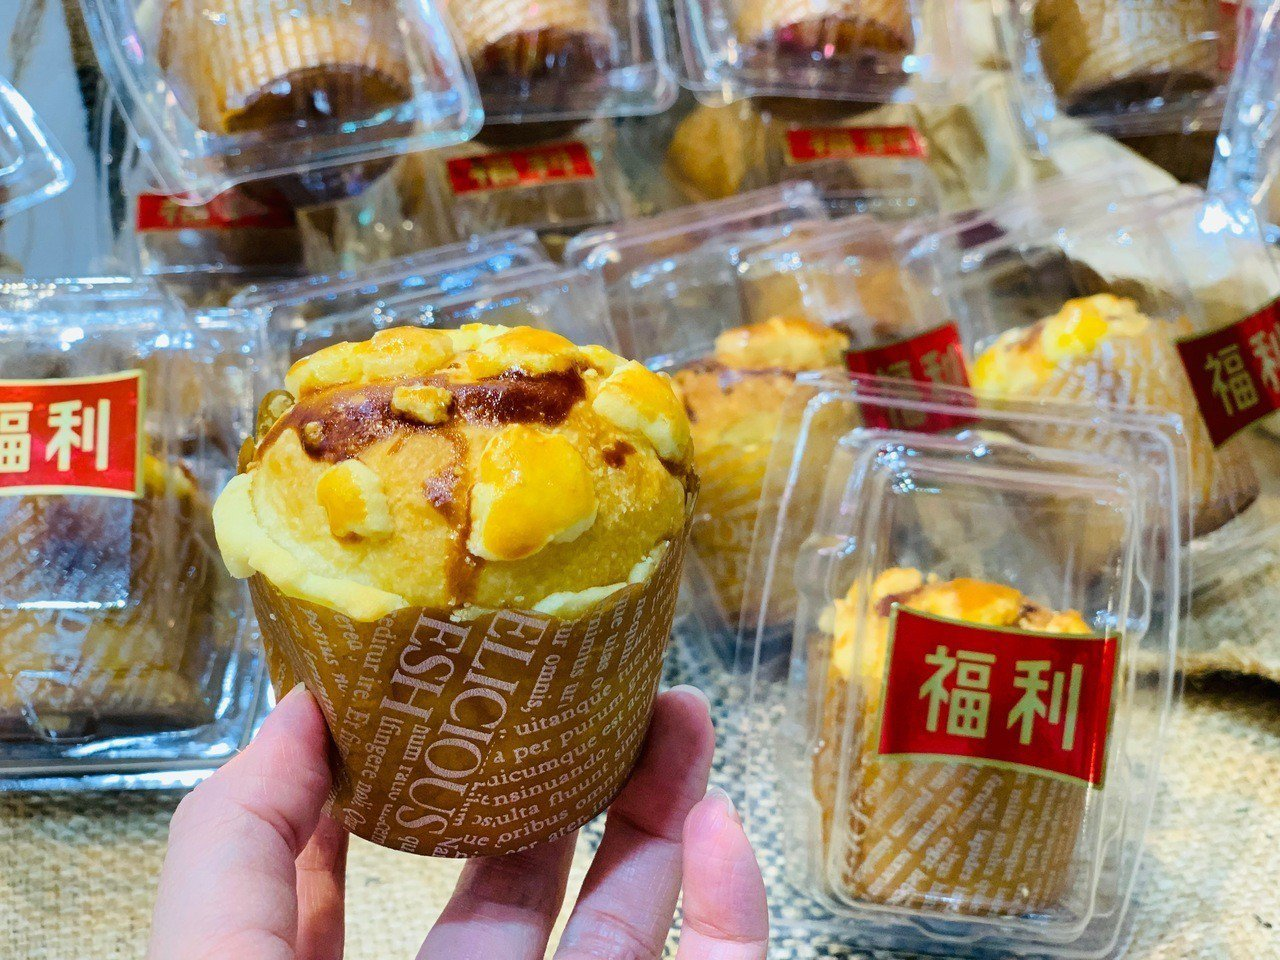 福利麵包推出新品「米菠蘿」。記者張芳瑜/攝影